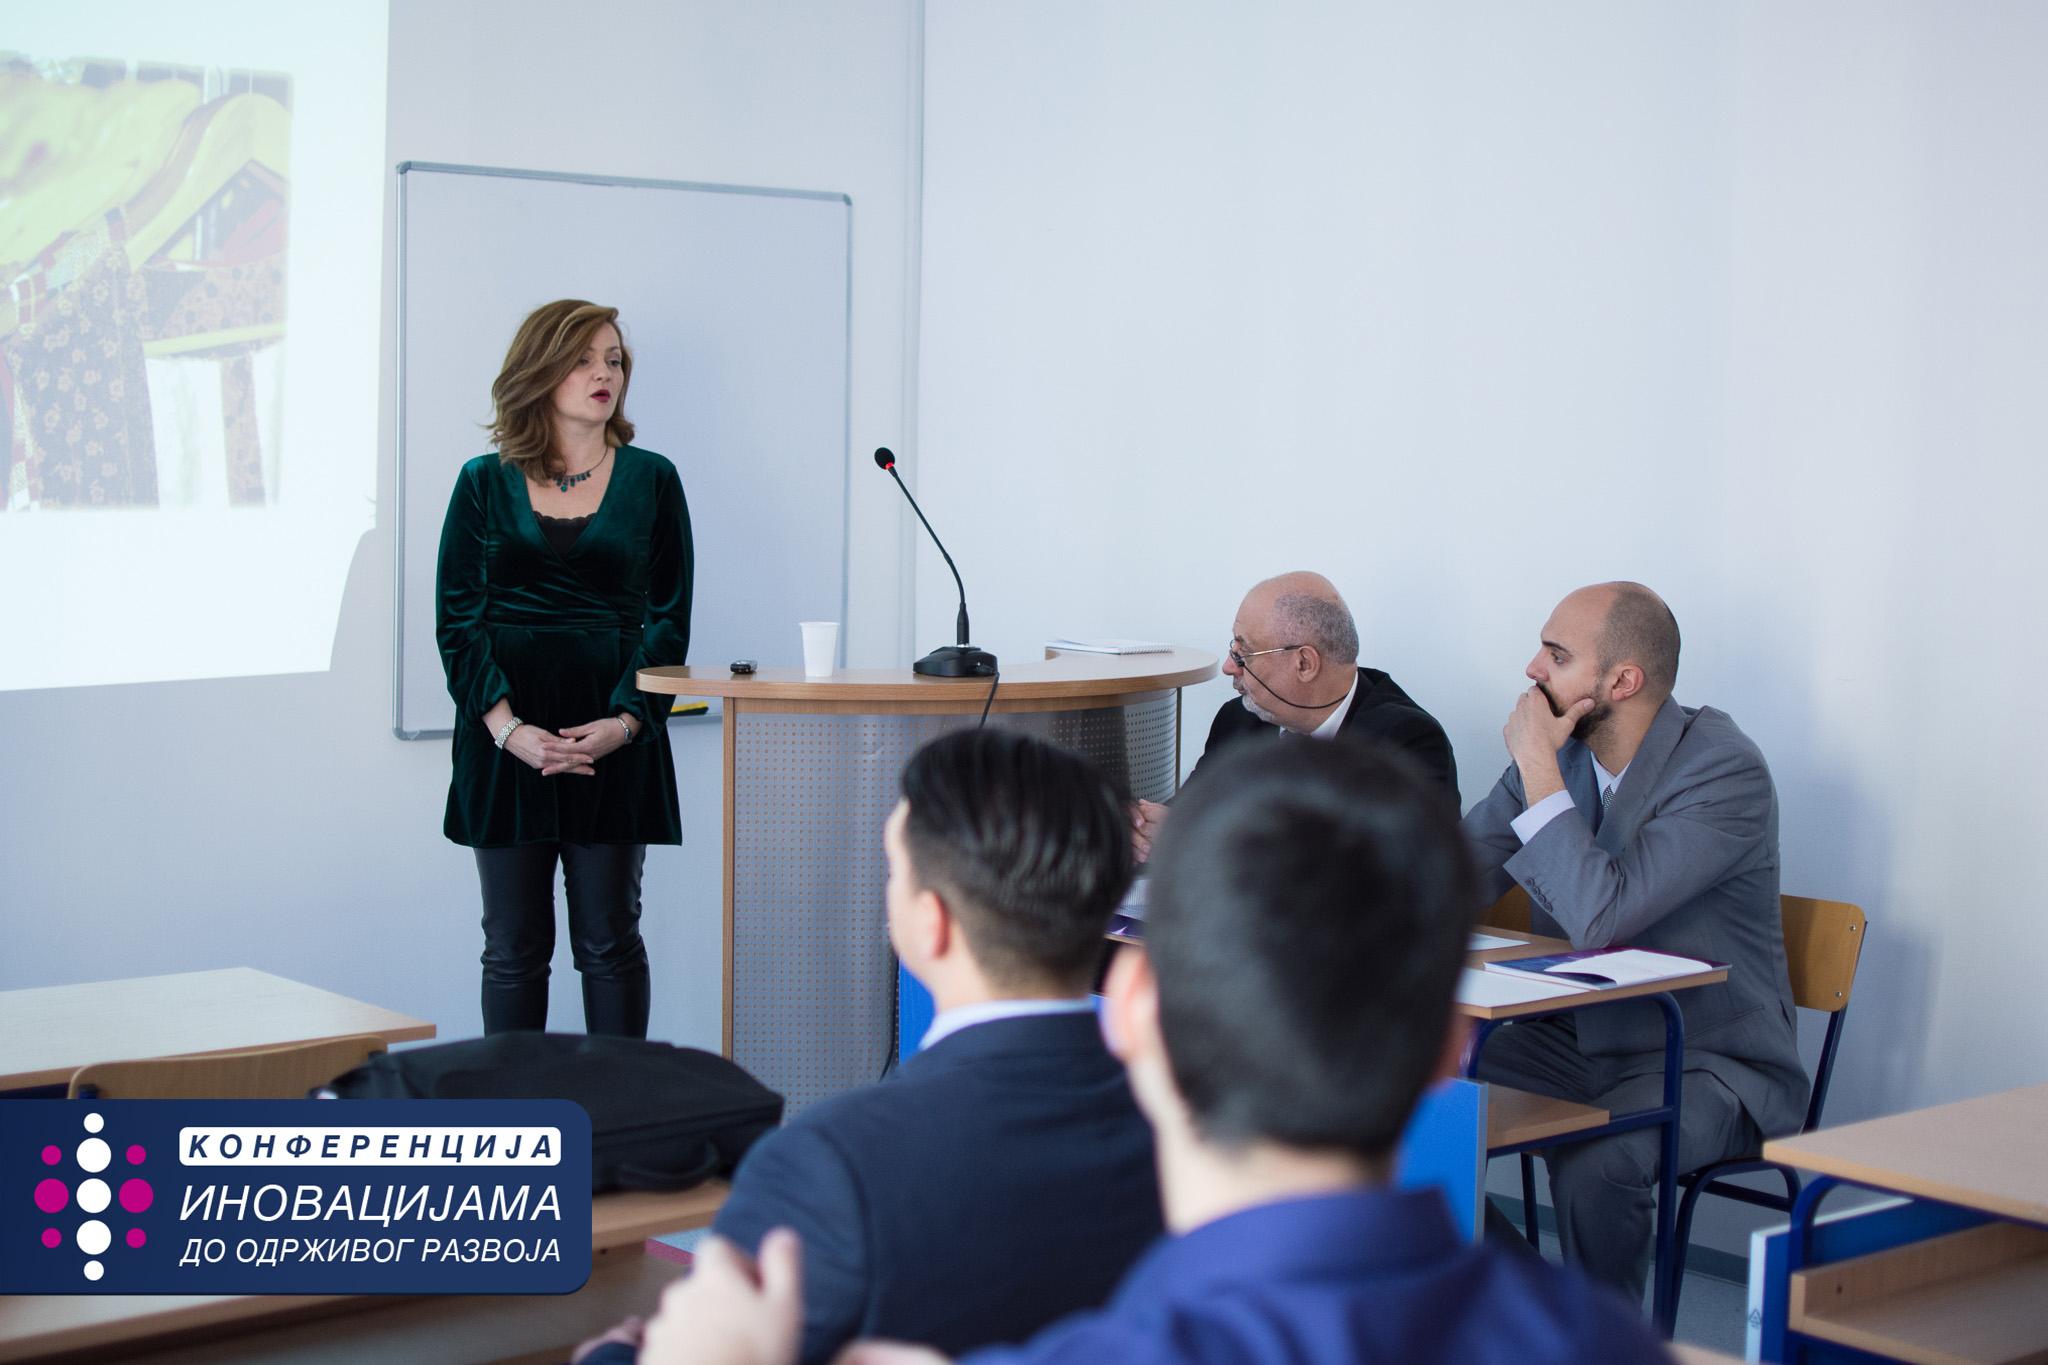 MEF Fakultet - izvestaj sa konferencije 58